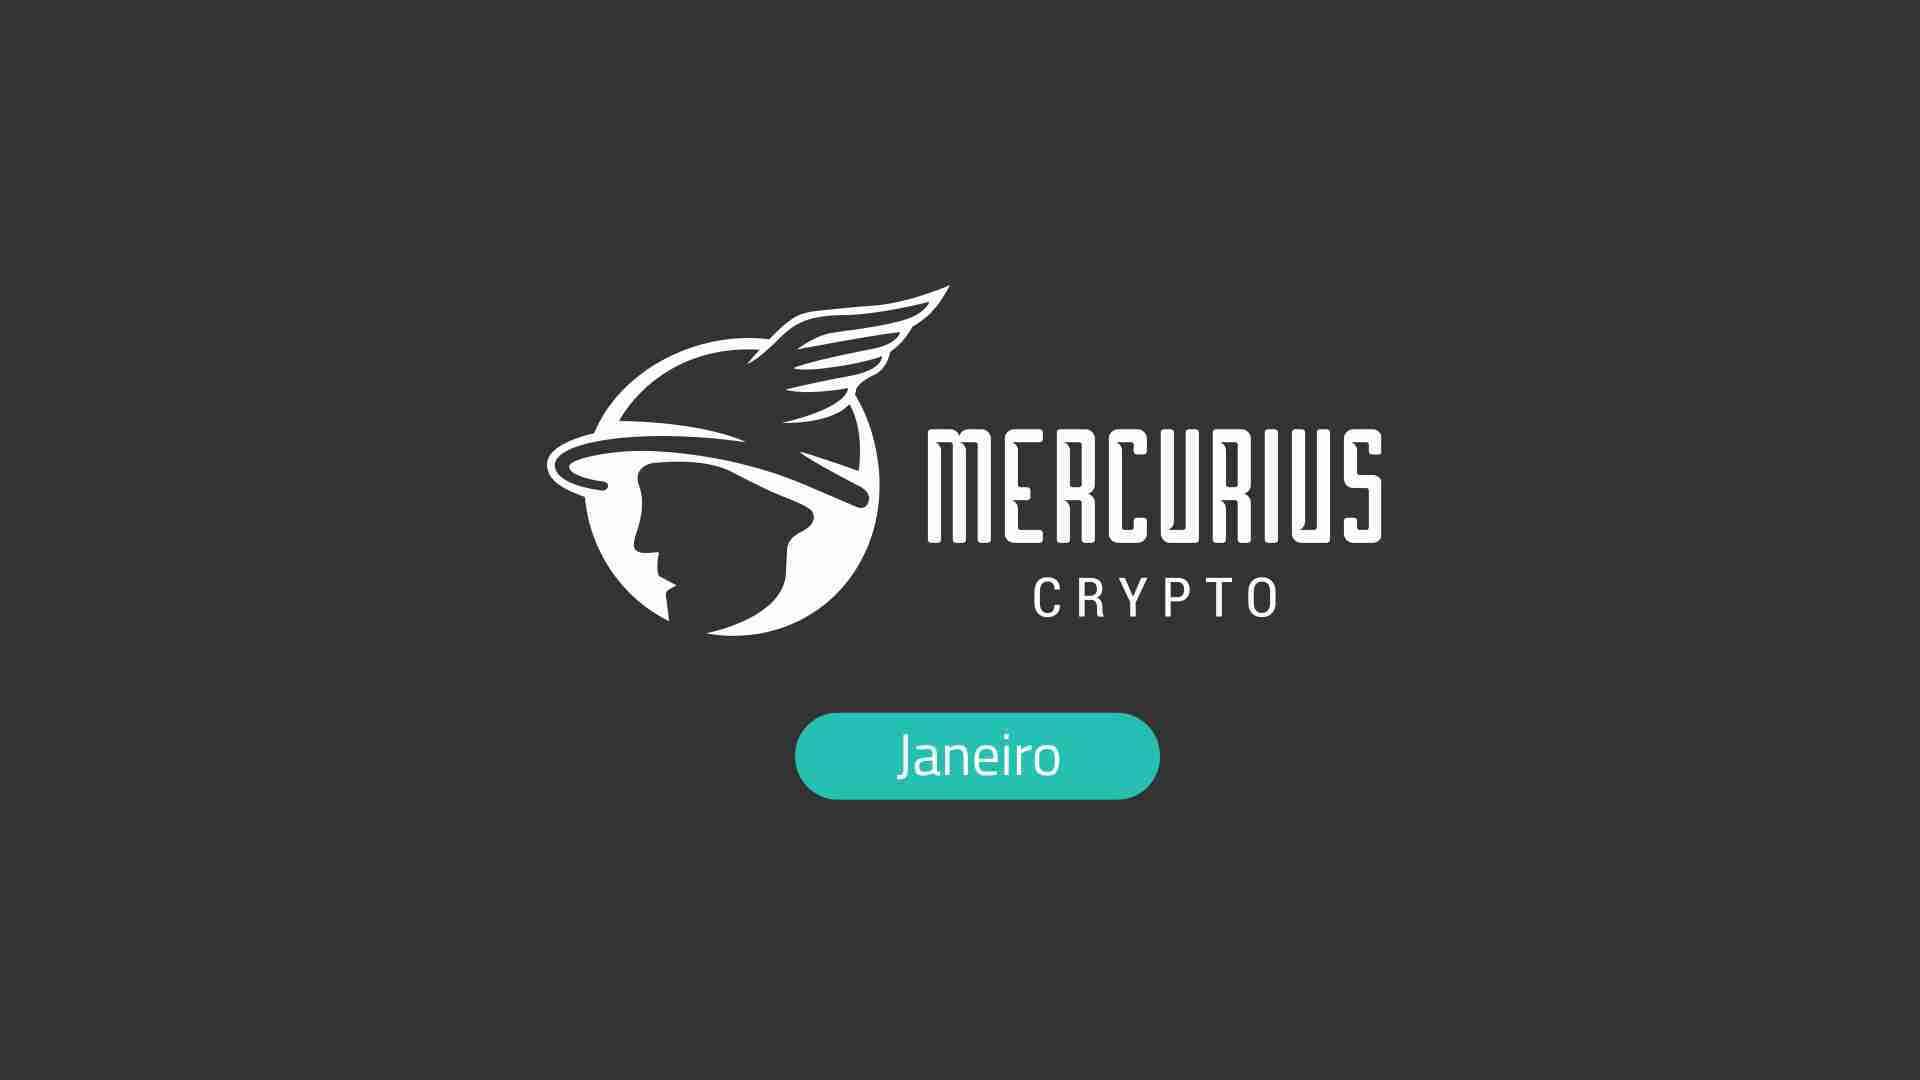 O Ether está subvalorizado: é hora de comprar? Report de janeiro da Mercurius Crypto